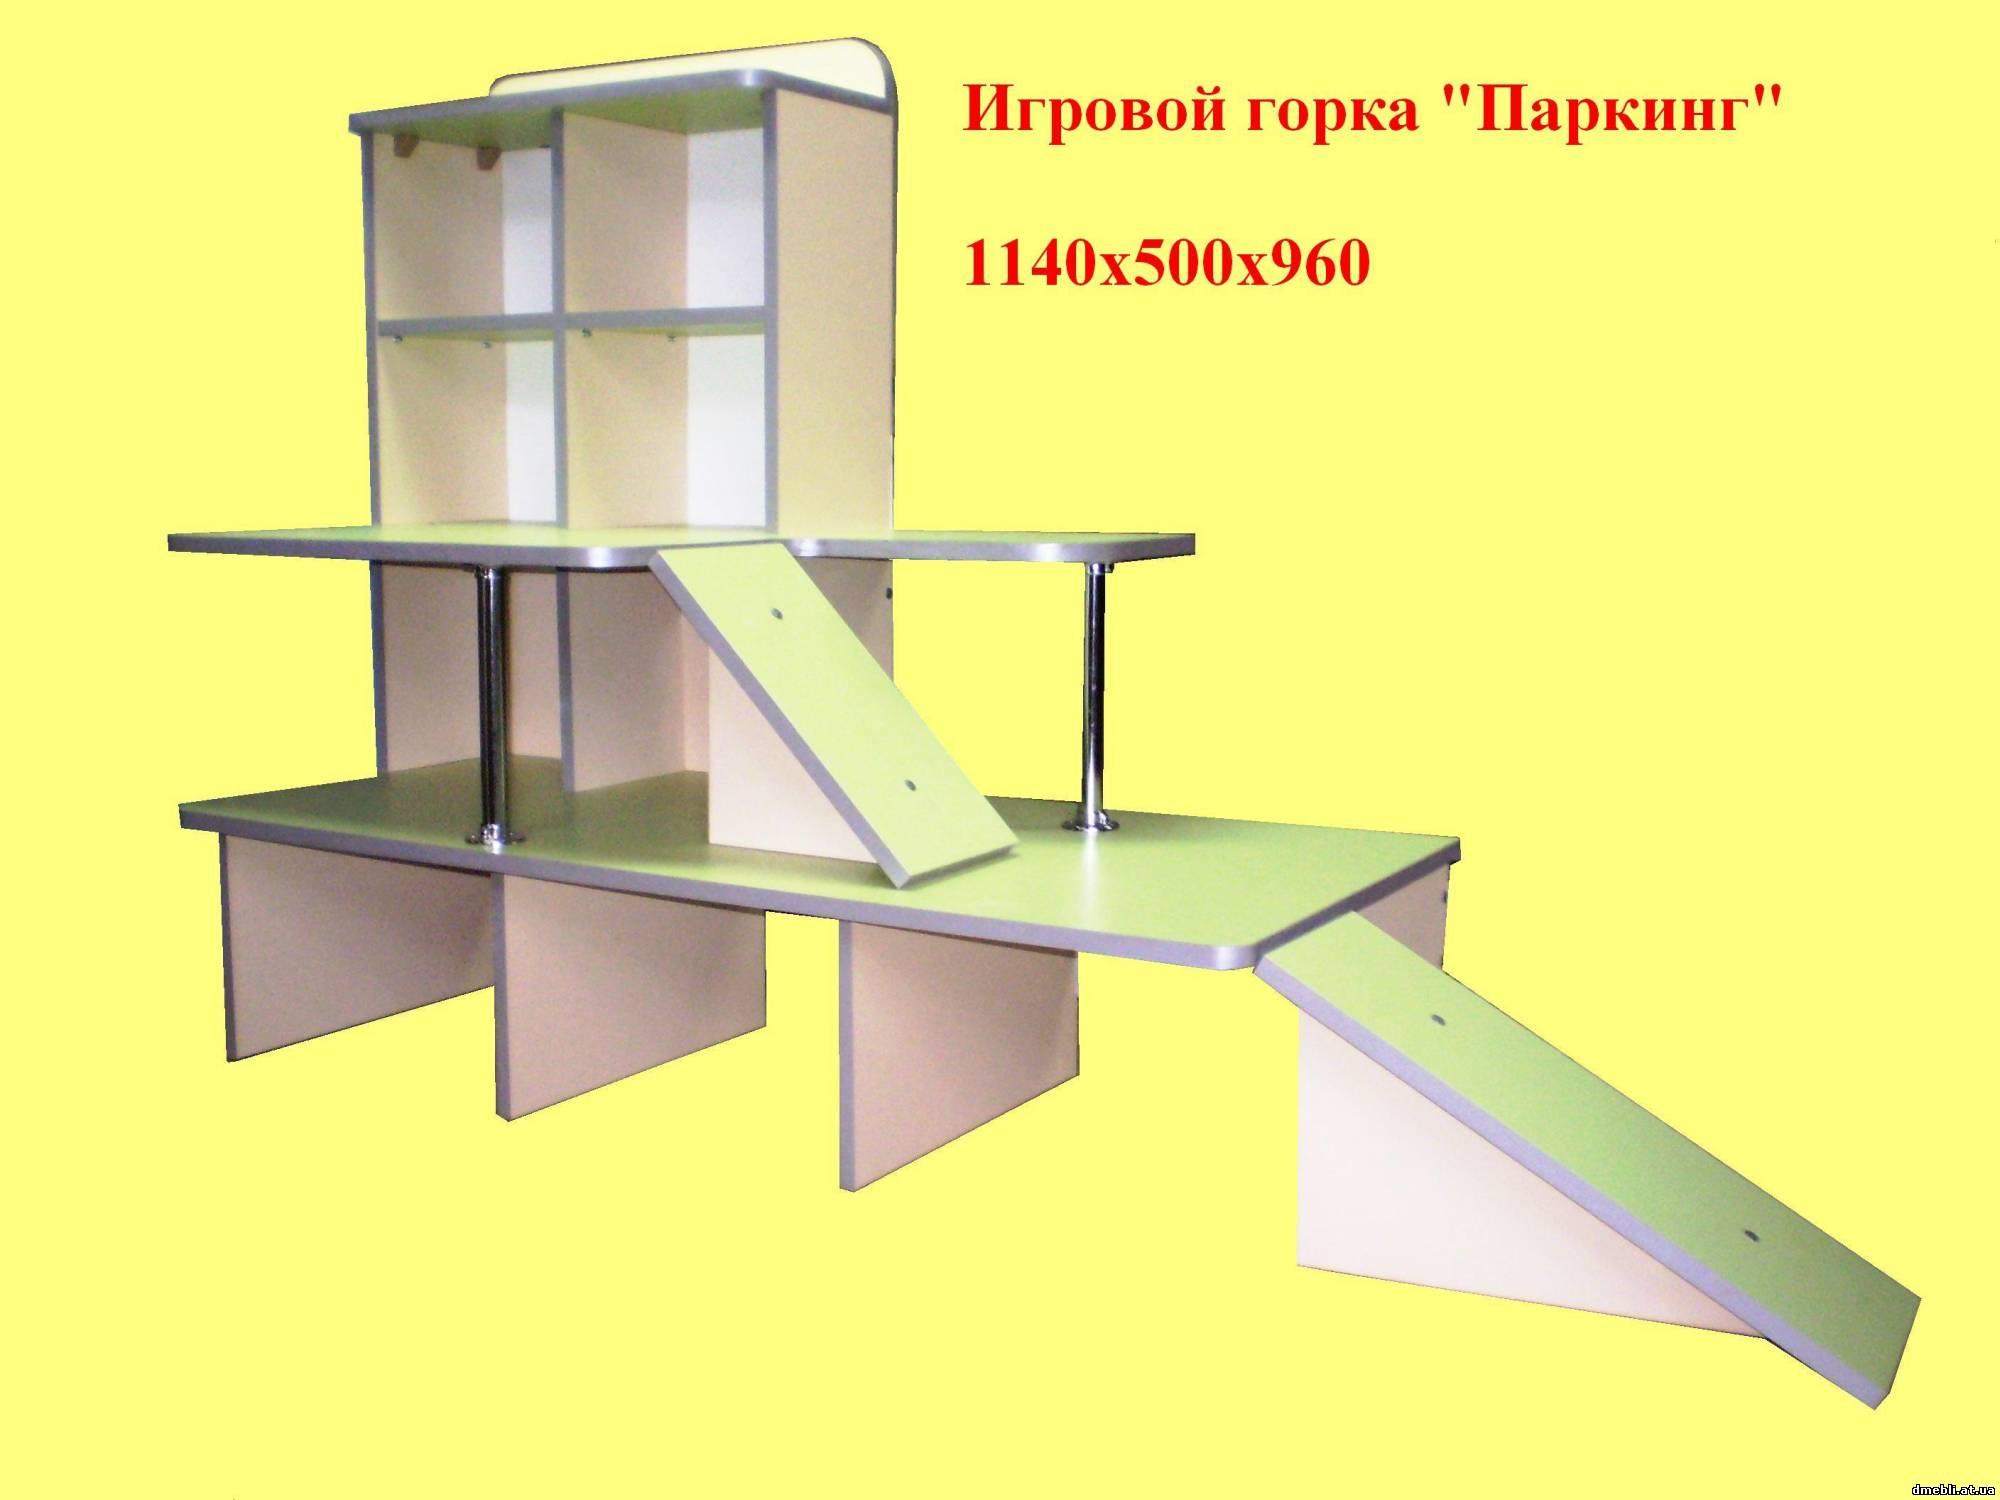 Игрушечный гараж для машинок из фанеры чертежи 128